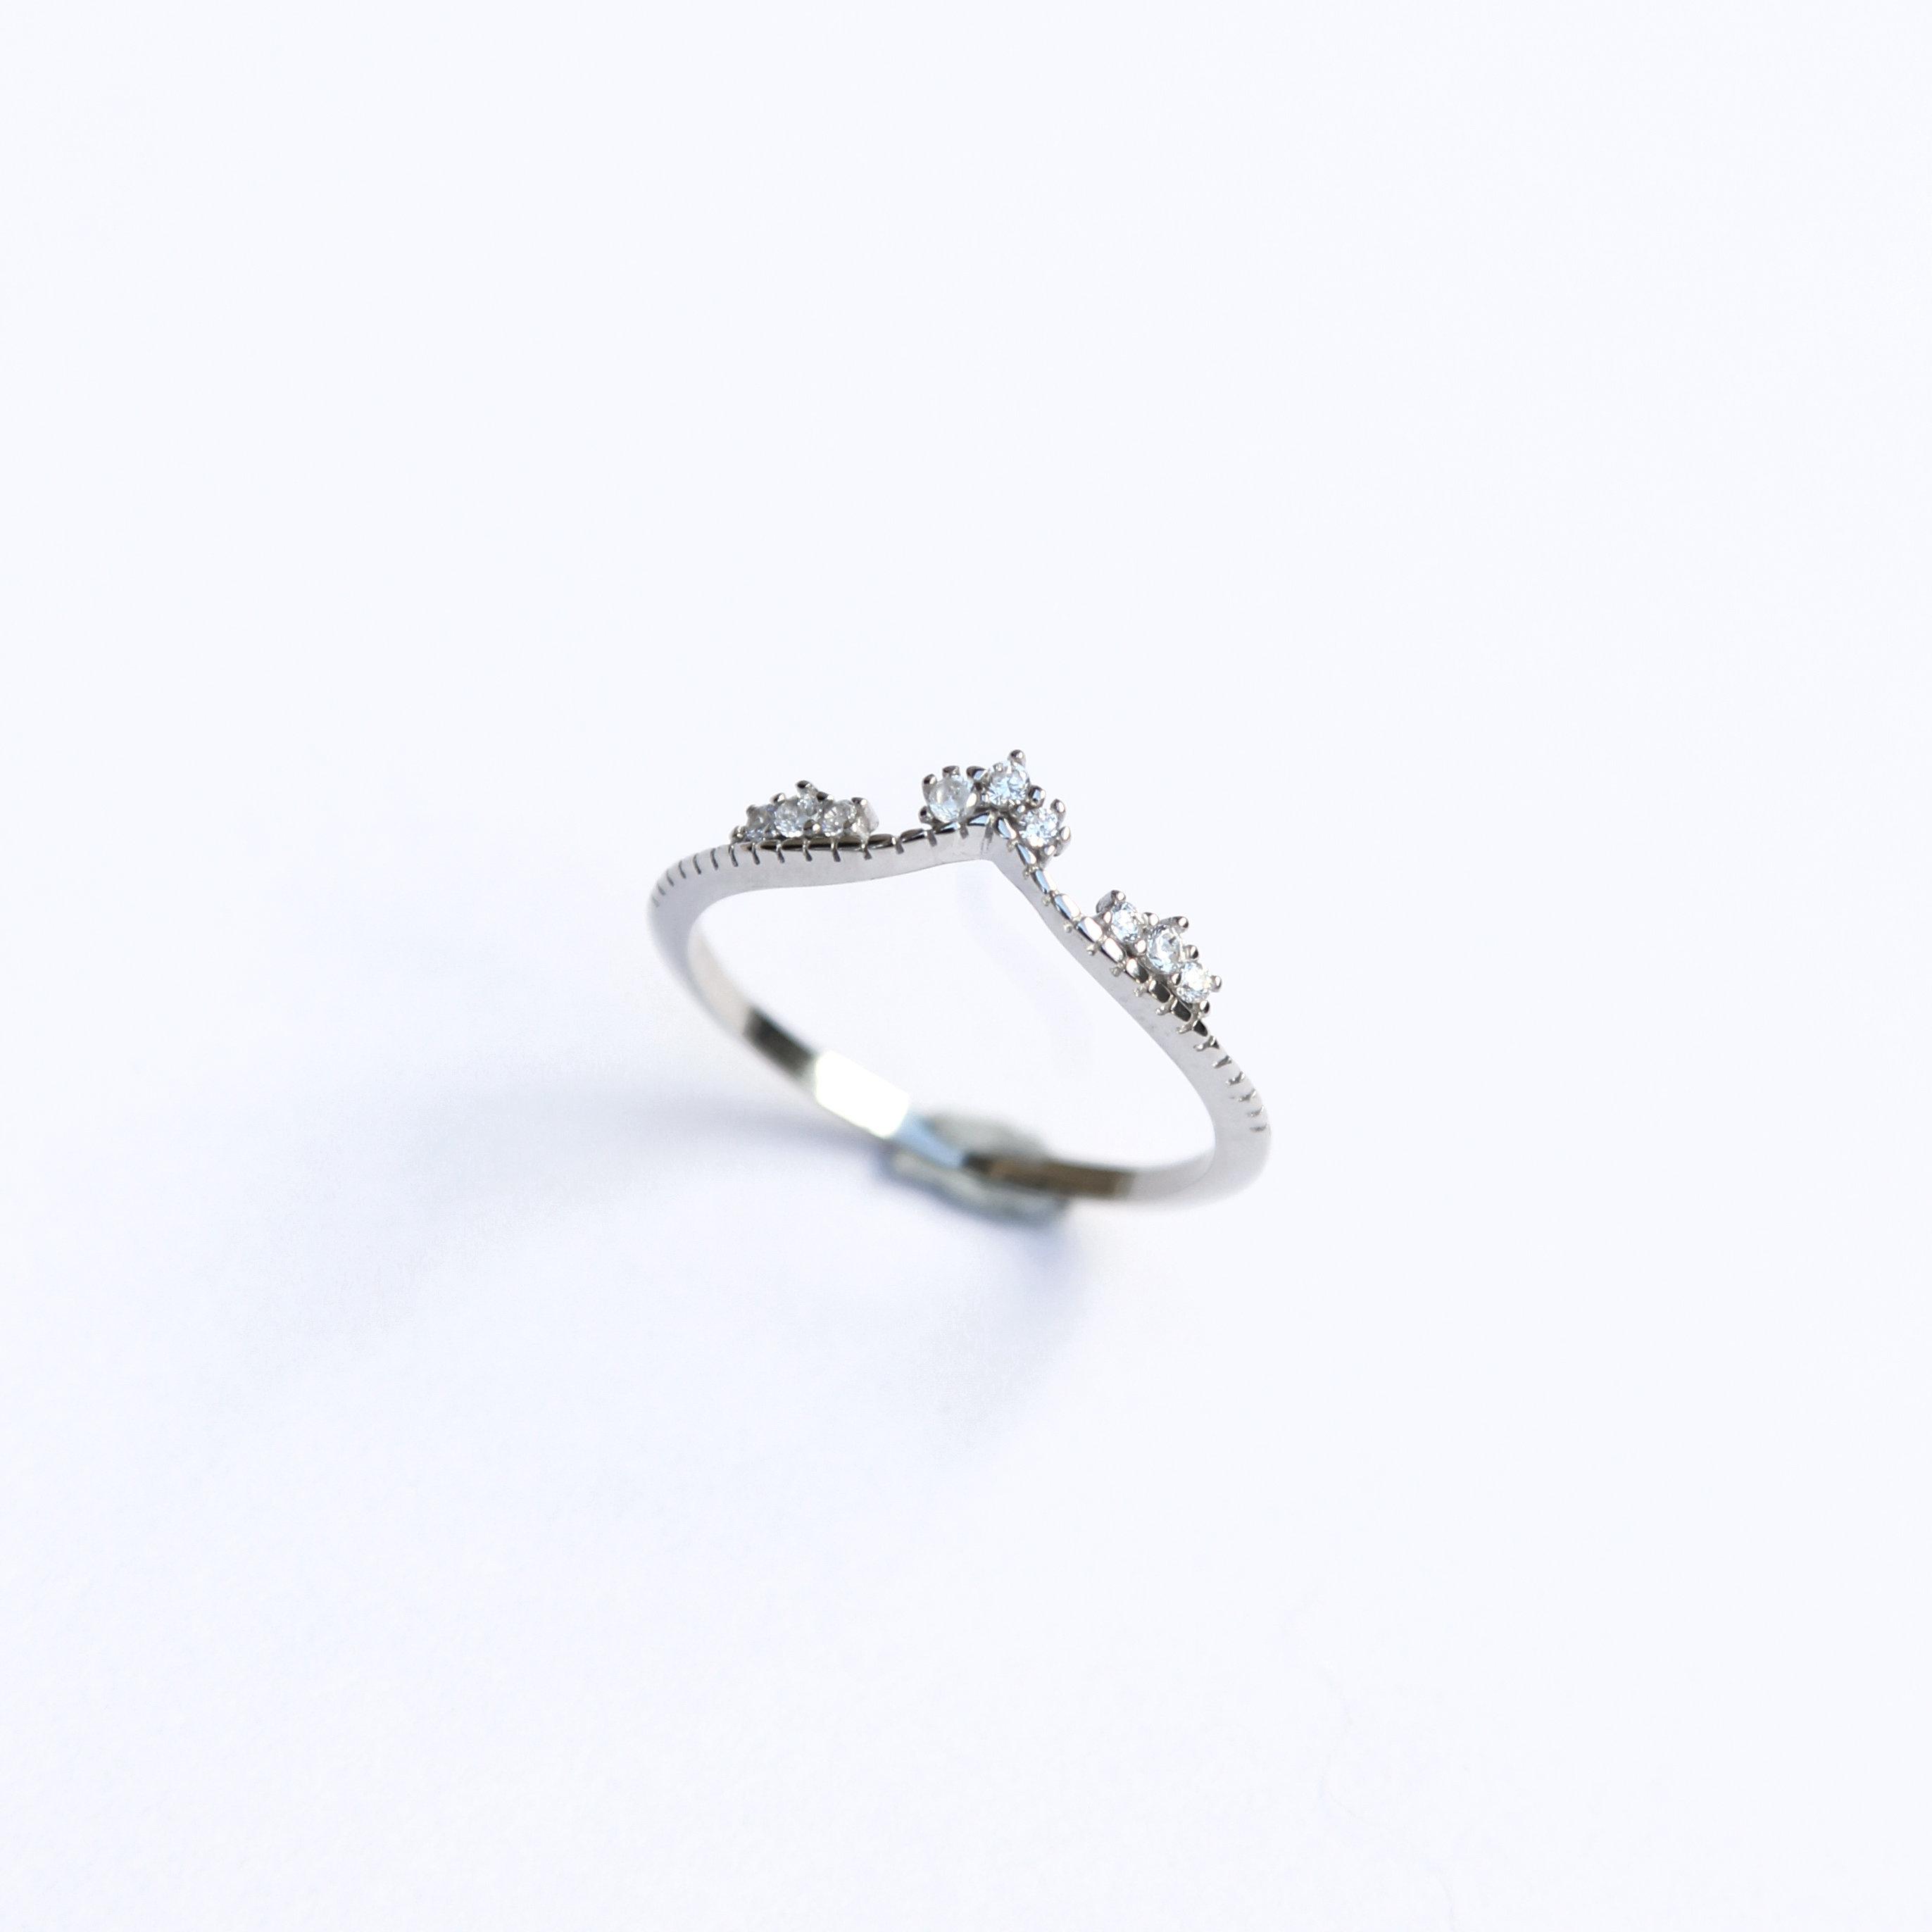 Sterling Silver Wishbone Ring / Tiara Gemstone Ring / Minimal Jewellery / Minimal Stacking Rings For Most Recent Tiara Wishbone Rings (View 4 of 25)